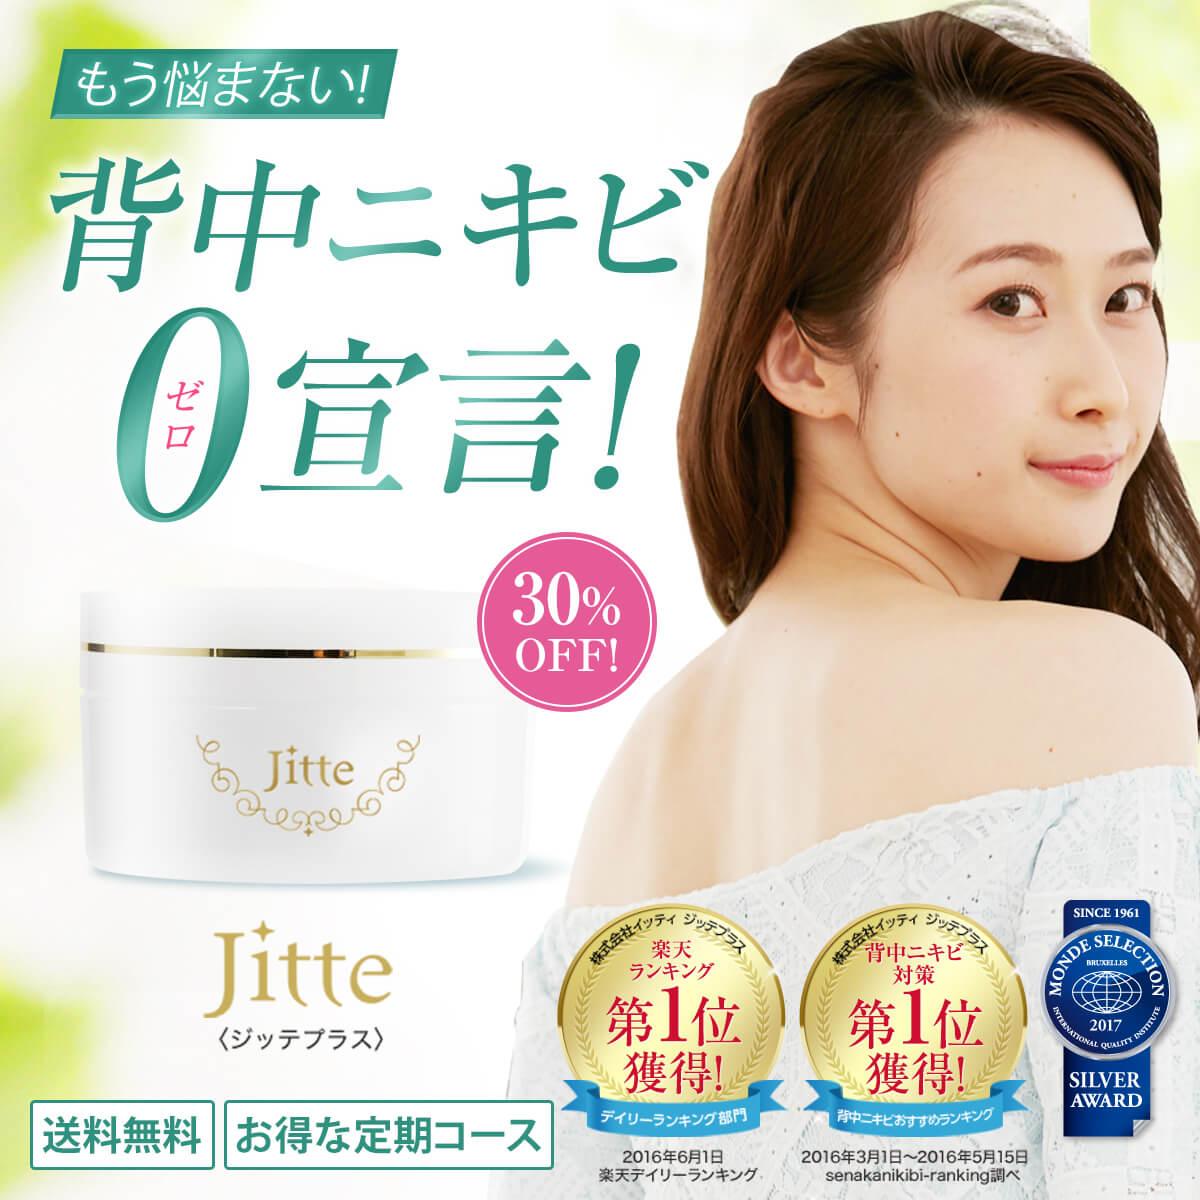 【公式】Jitte+(ジッテプラス)定期購入 【送料無料】 ニキビケア ニキビ ニキビ跡に